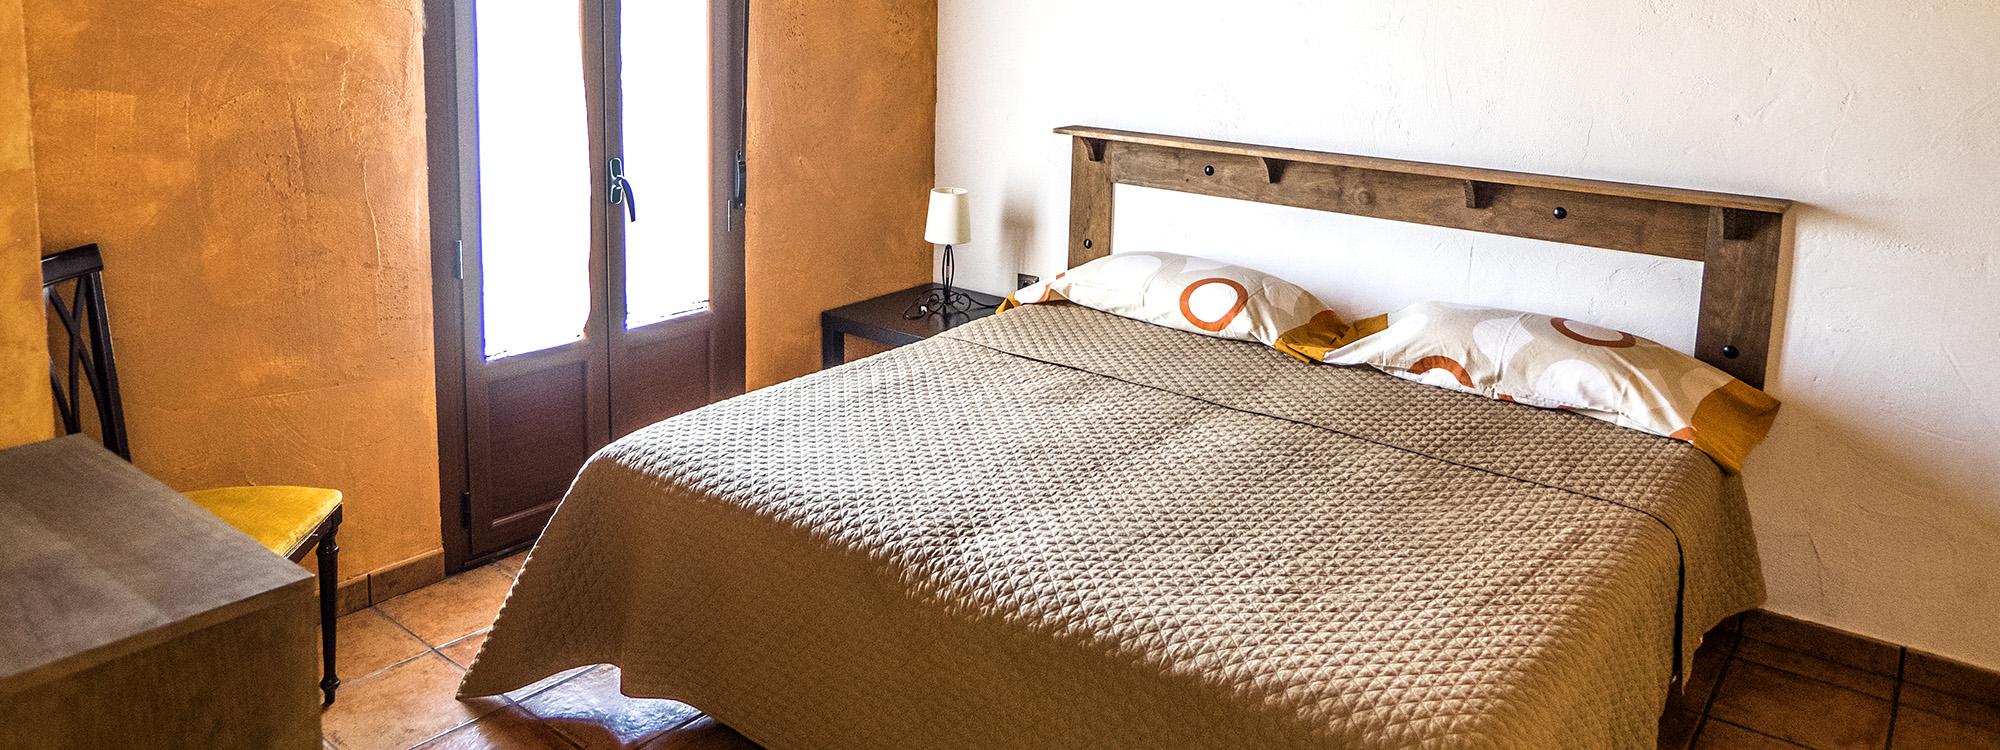 Detalle de nuestras habitaciones en casa rural Valladolid